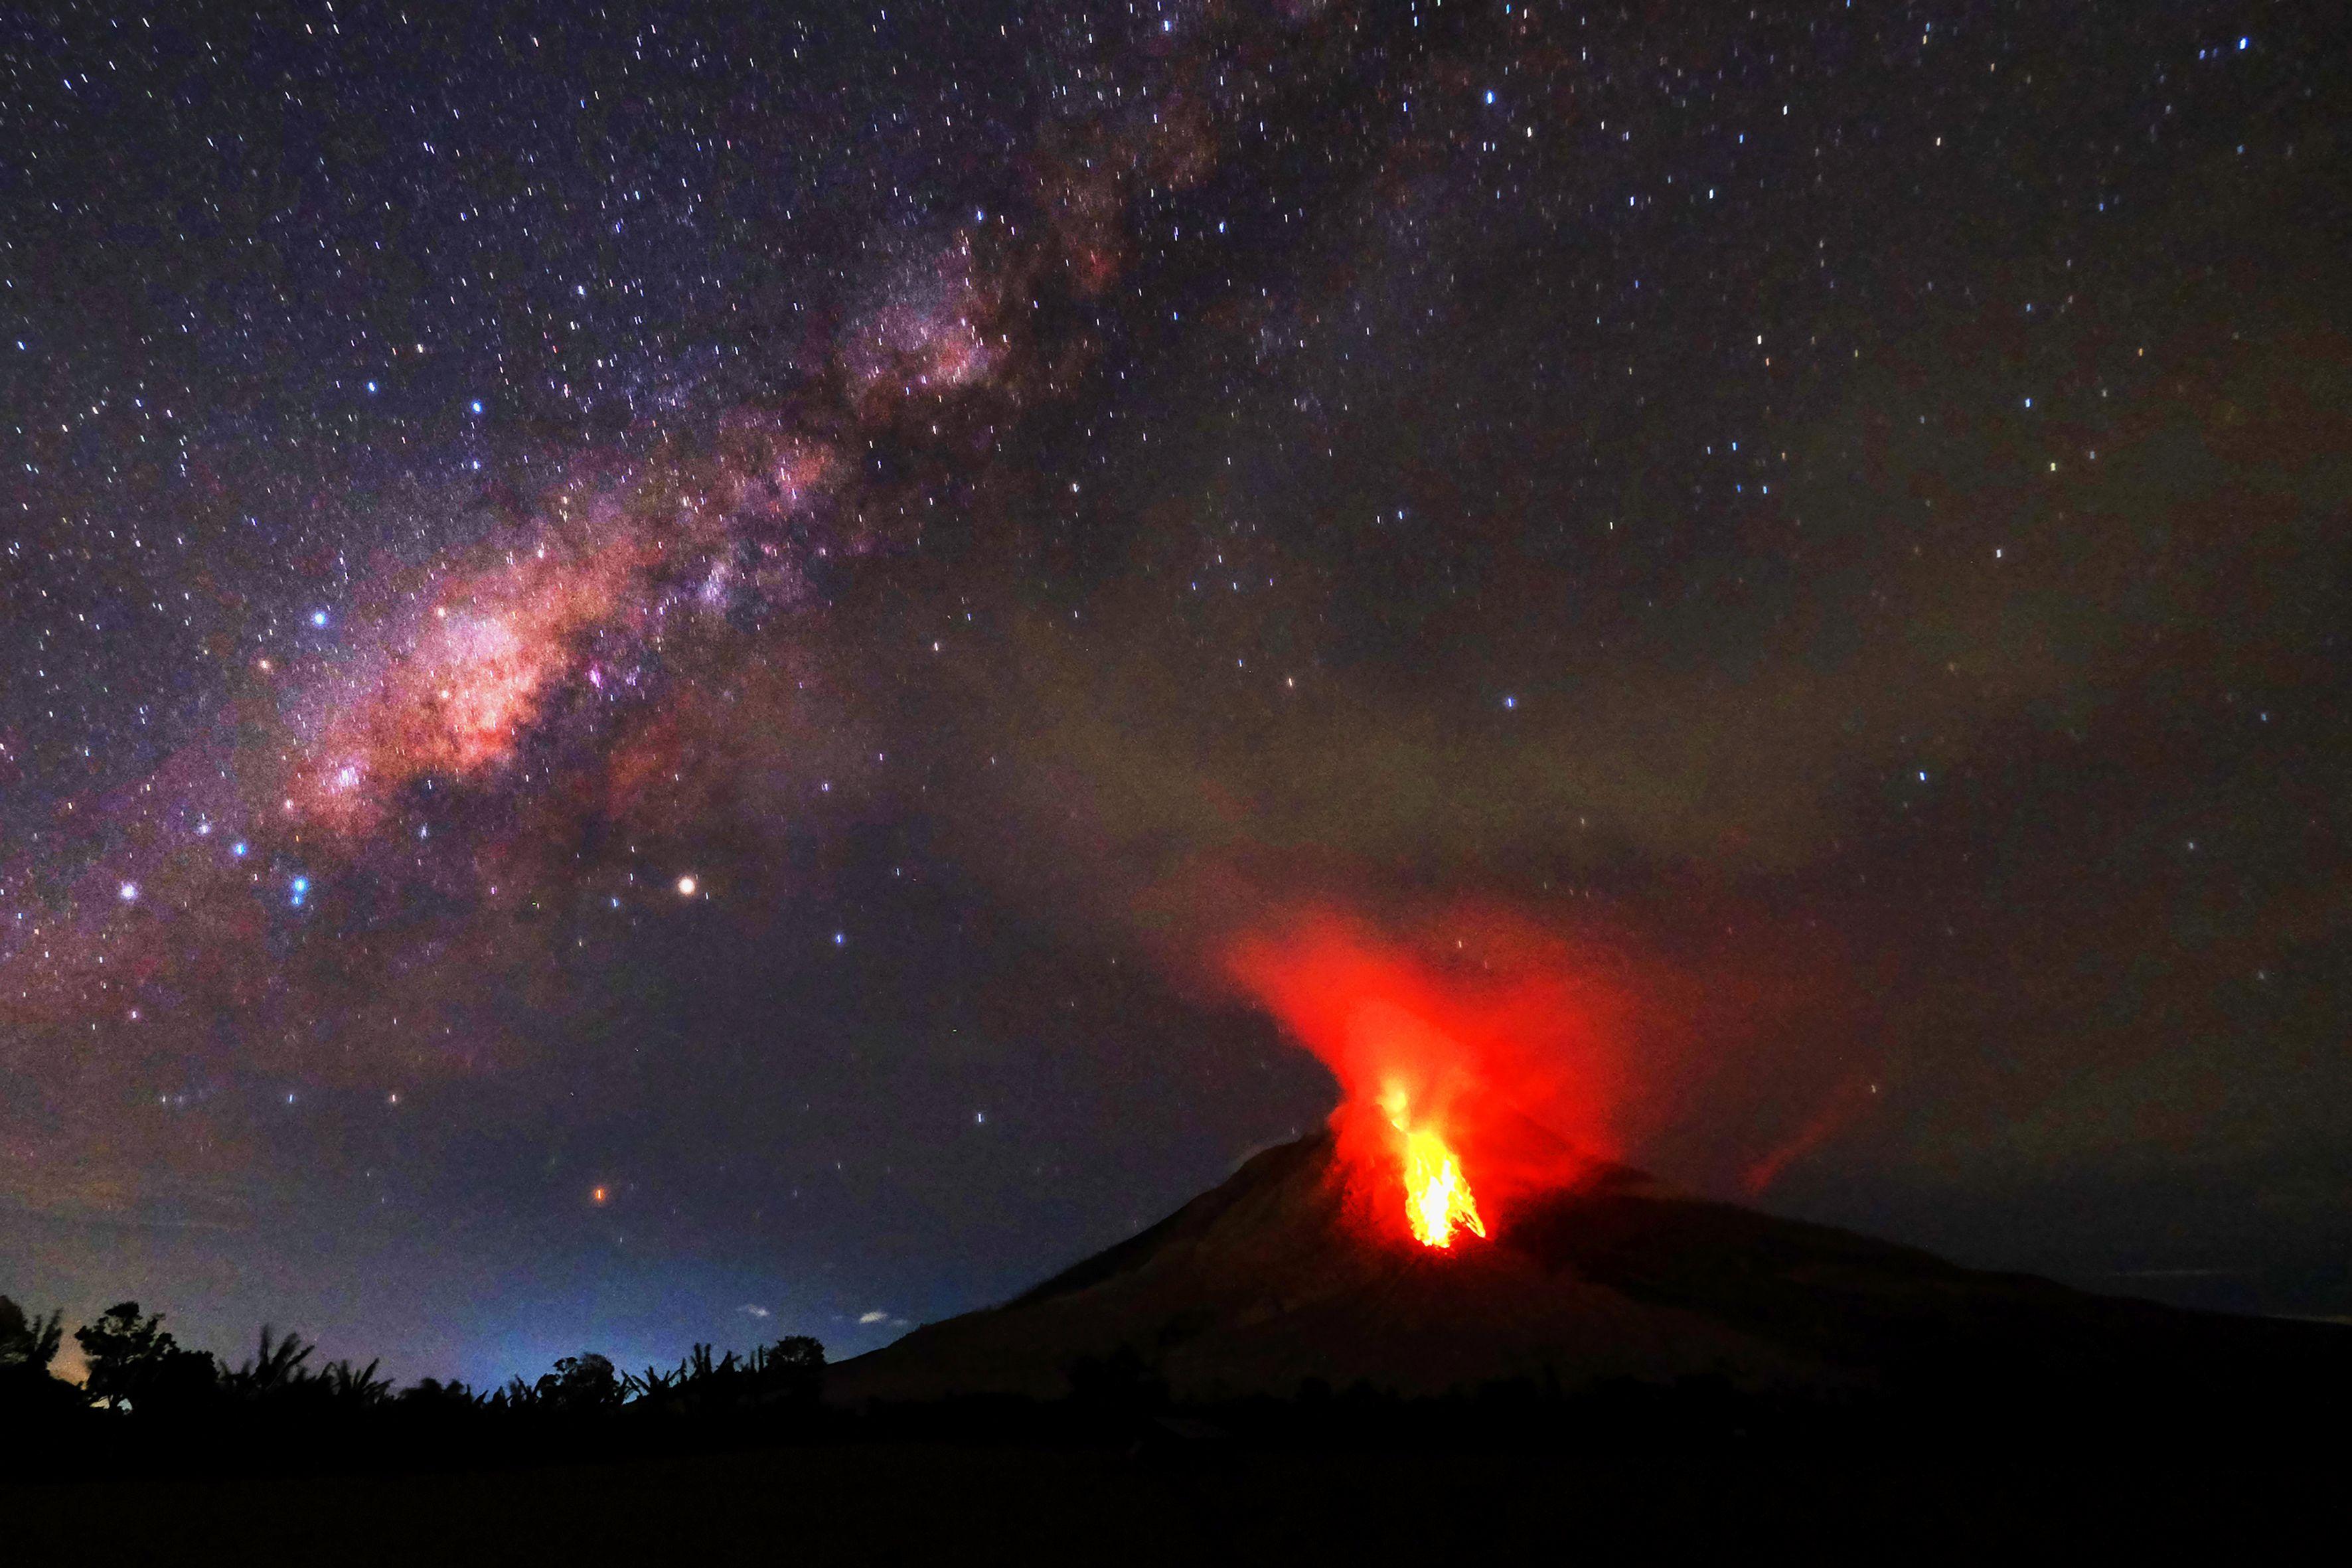 ثوران بركان فى إندونيسيا يقذف حمما بركانية على ارتفاع 4.5 كيلومتر